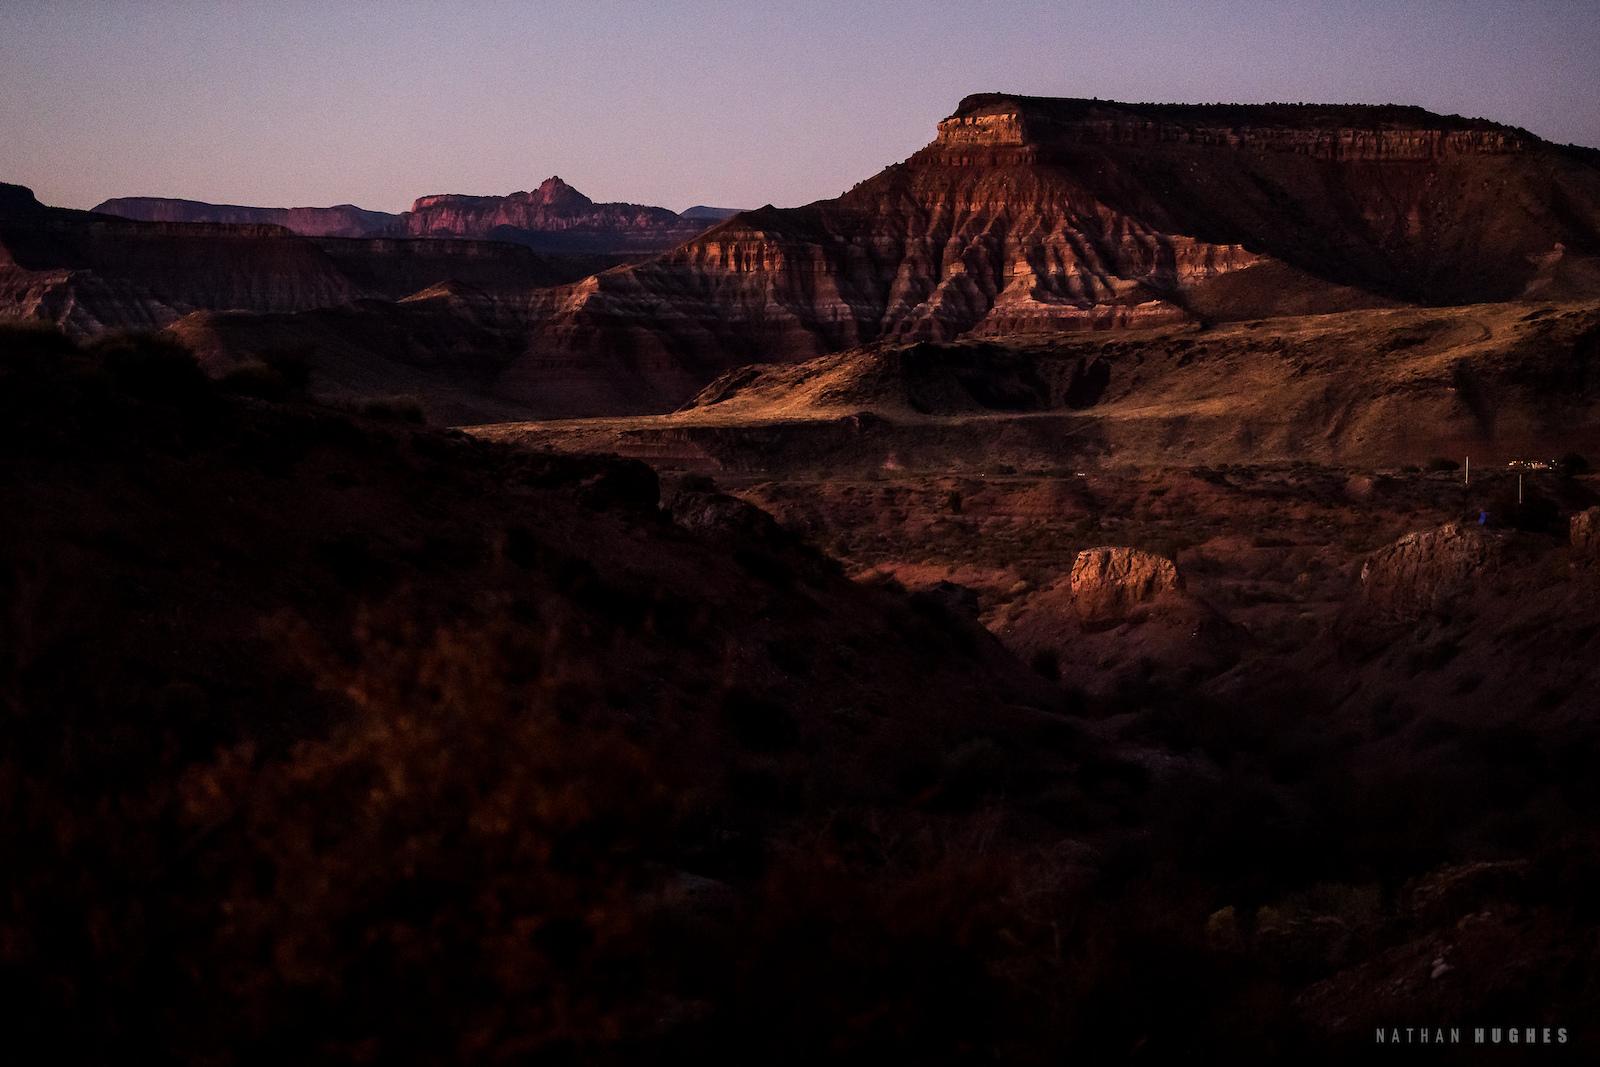 Goodnight from the desert.